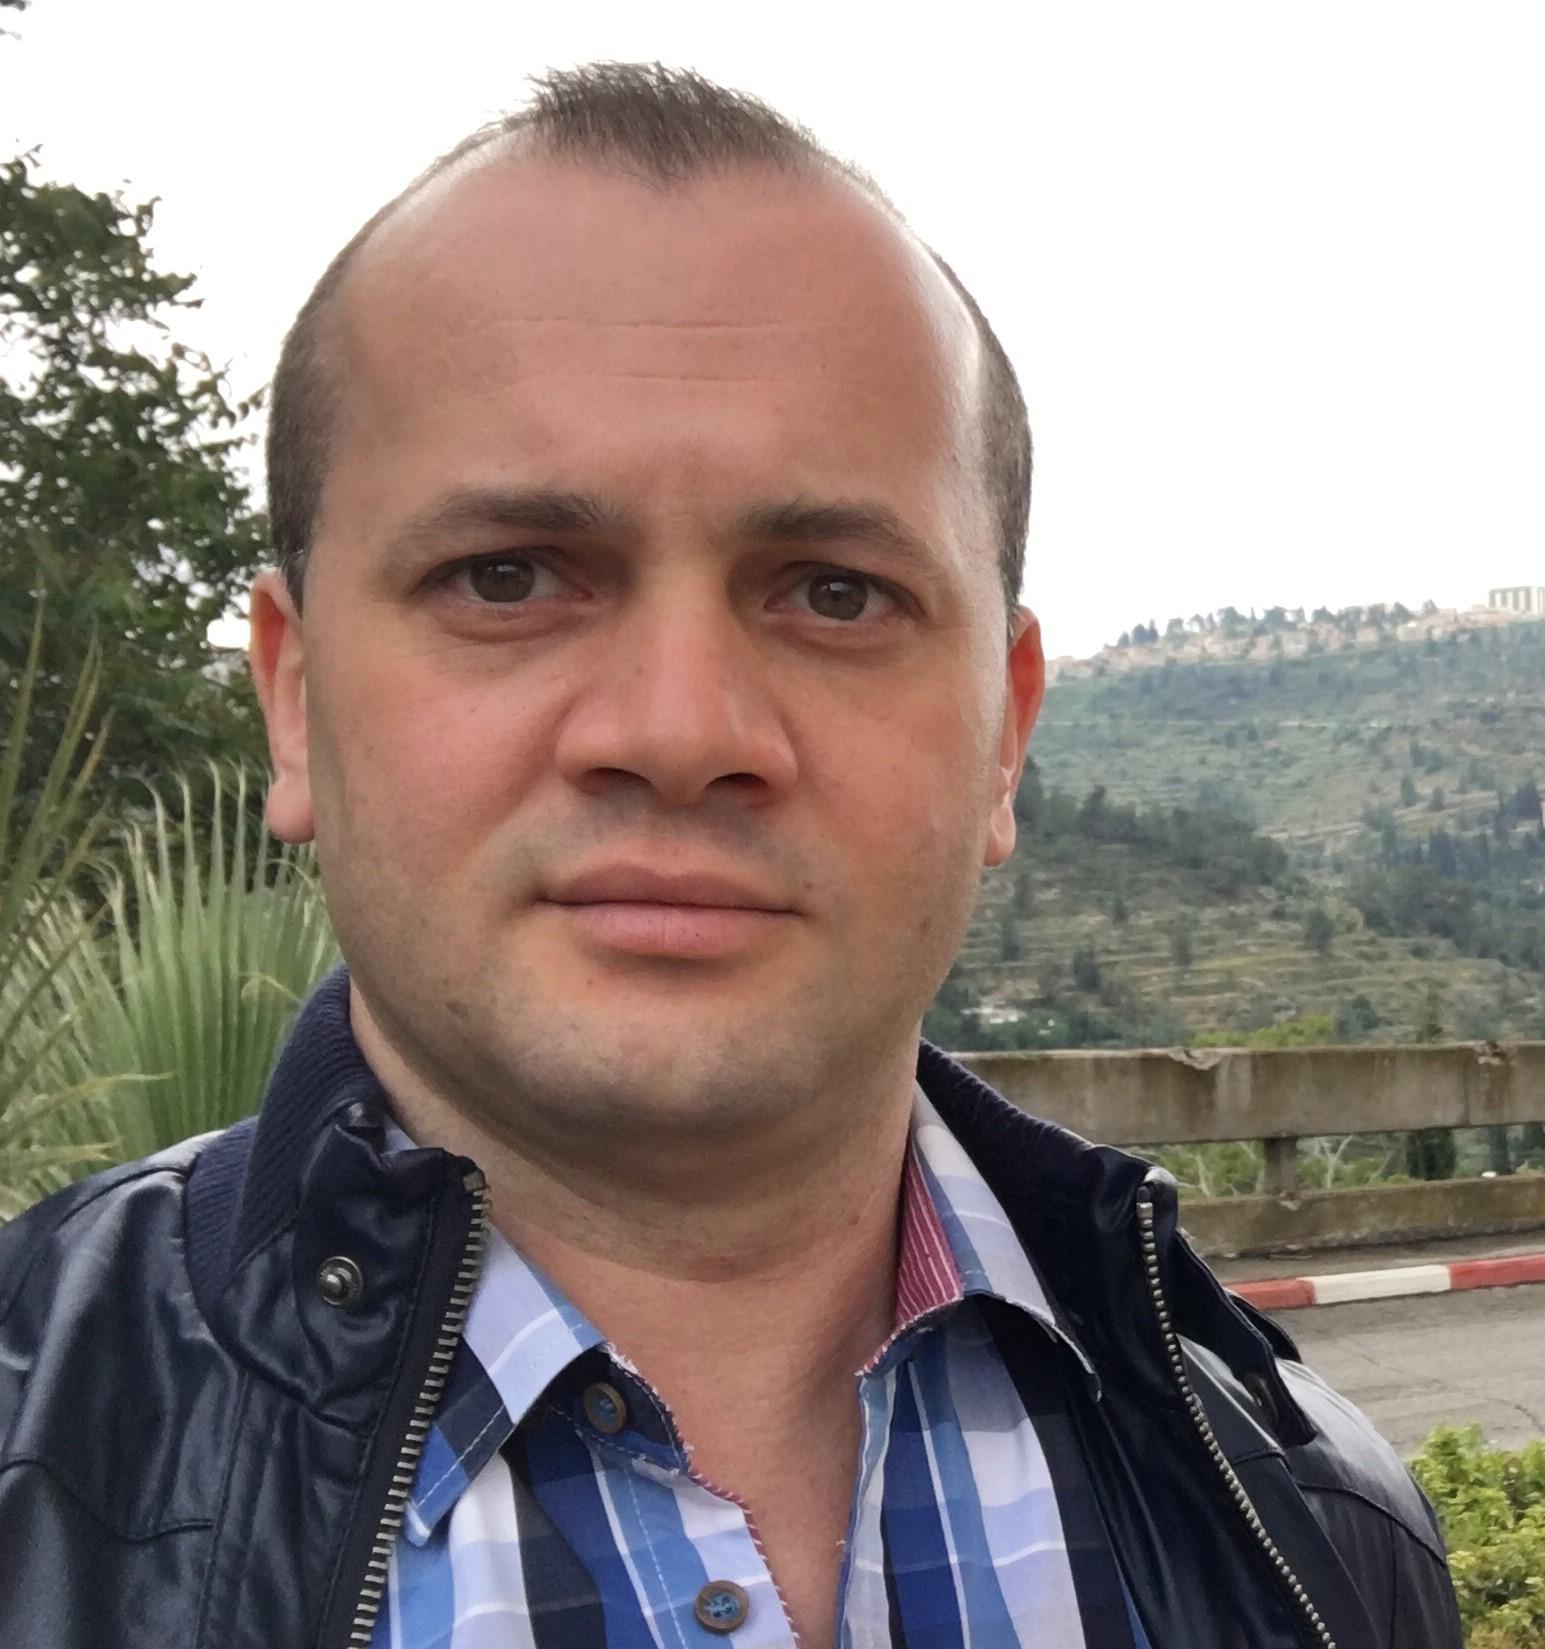 """ד""""ר לאון גרדוב מומחה בכירורגיה אורתופדית"""